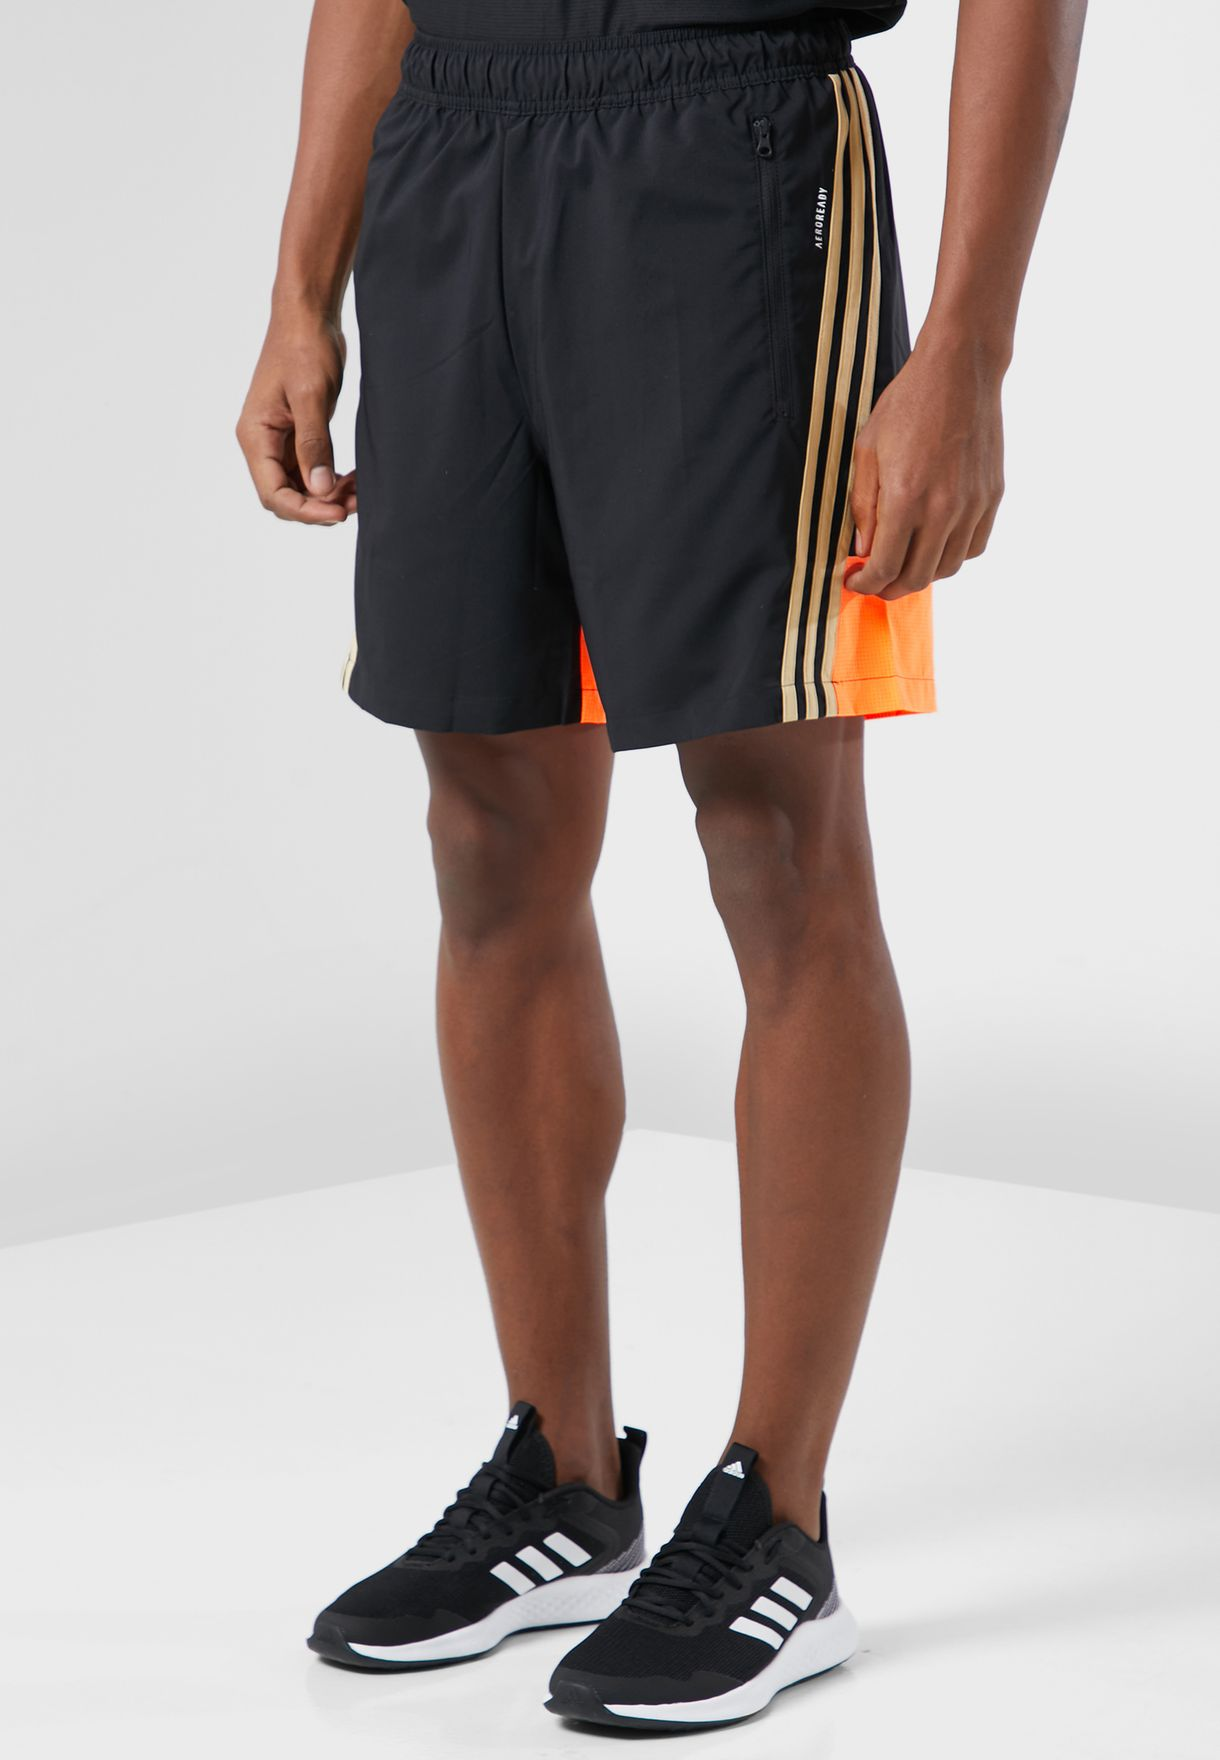 FreeLift Shorts